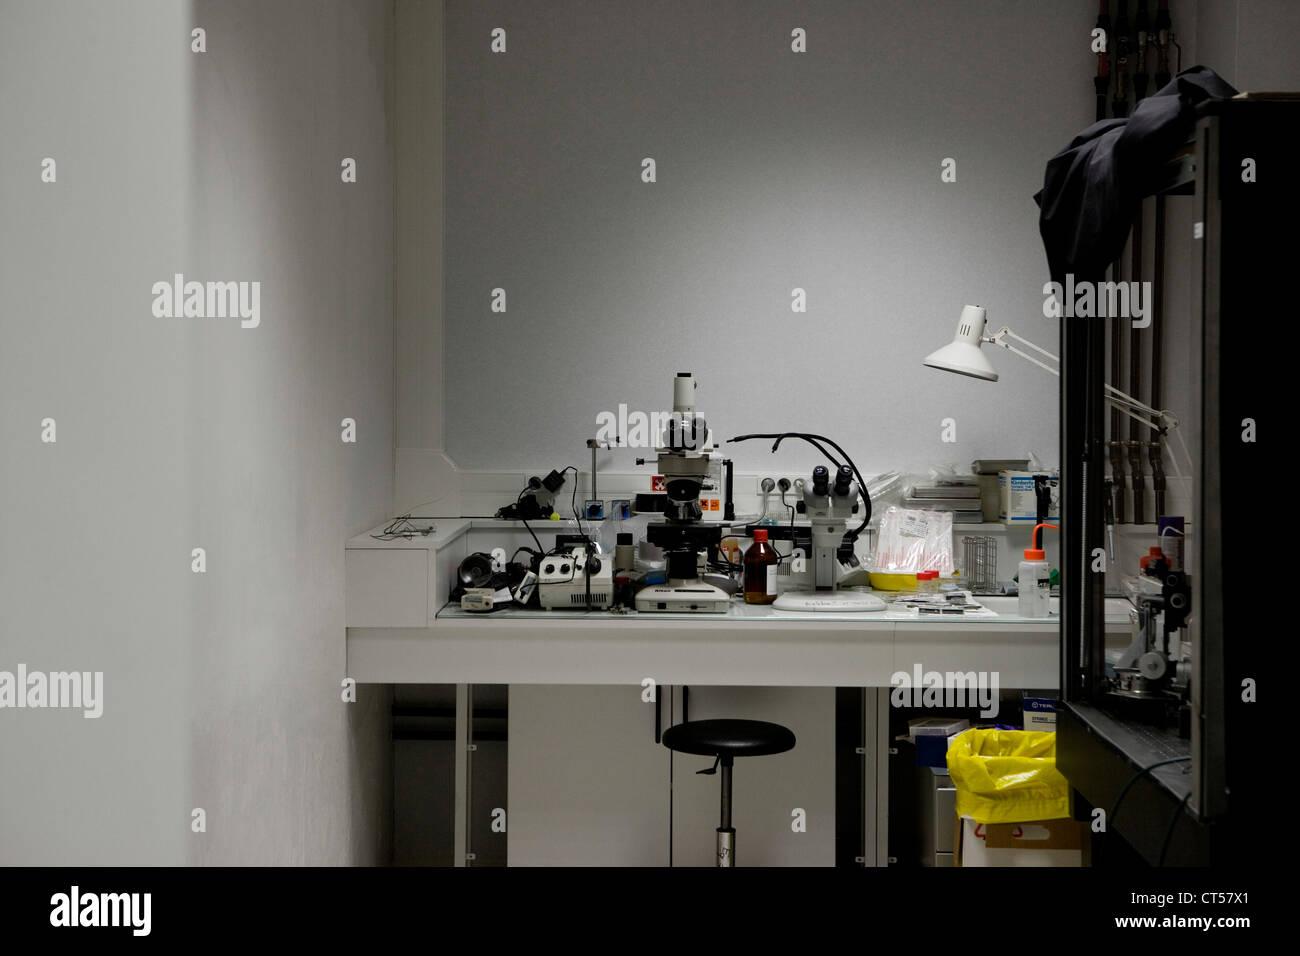 BIOLOGY LABORATORY - Stock Image